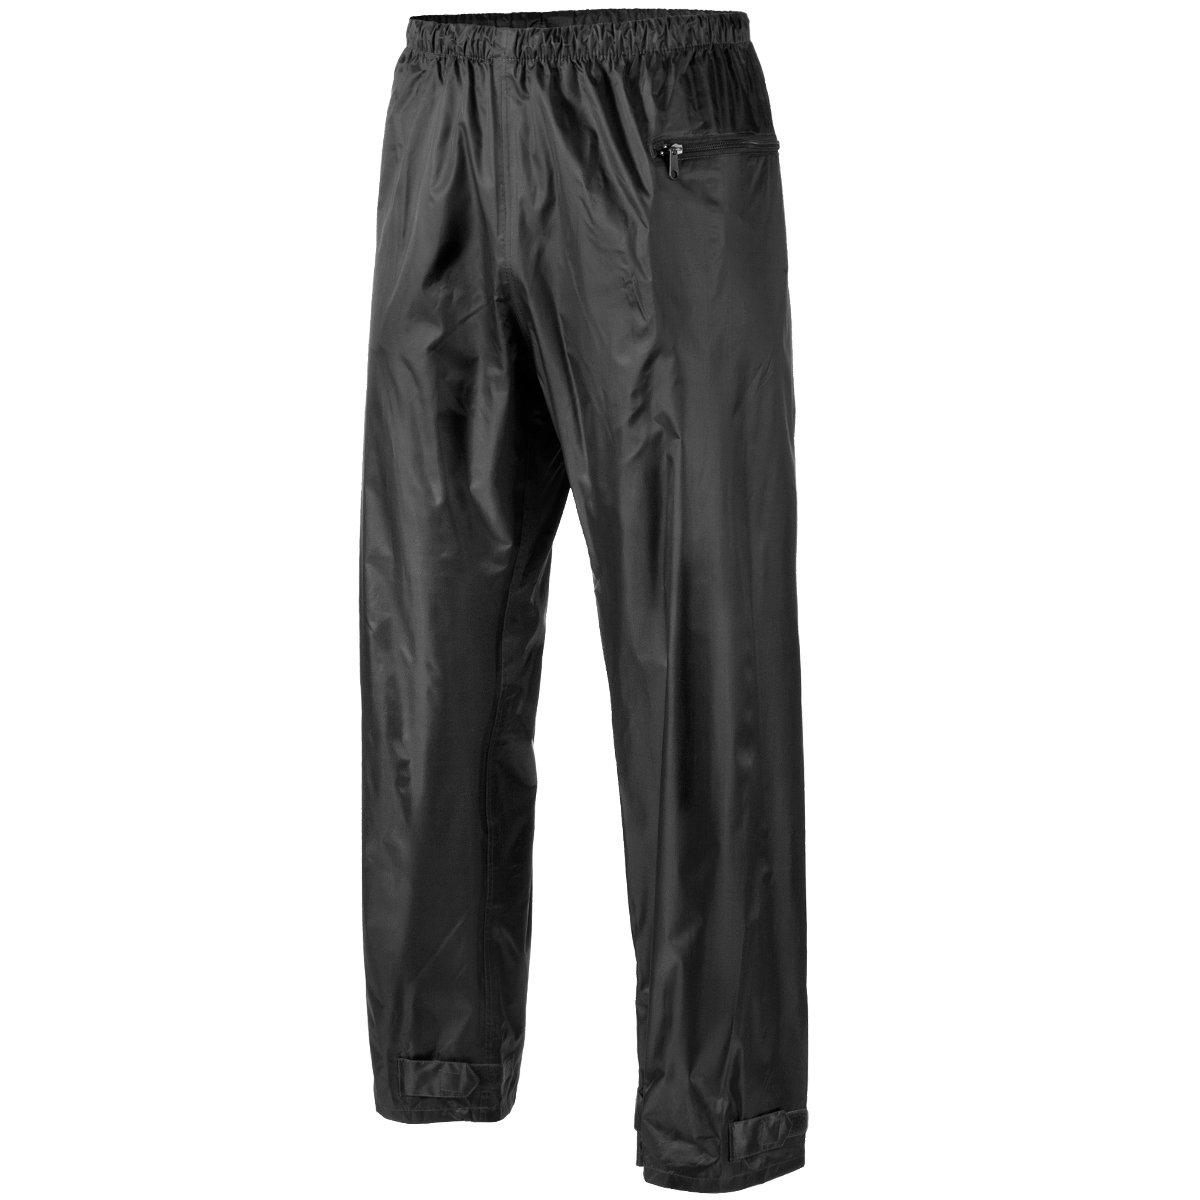 BW Regenhose, Polyester mit PVC oliv S-XXL S S,Oliv Max Fuchs AG 08863B